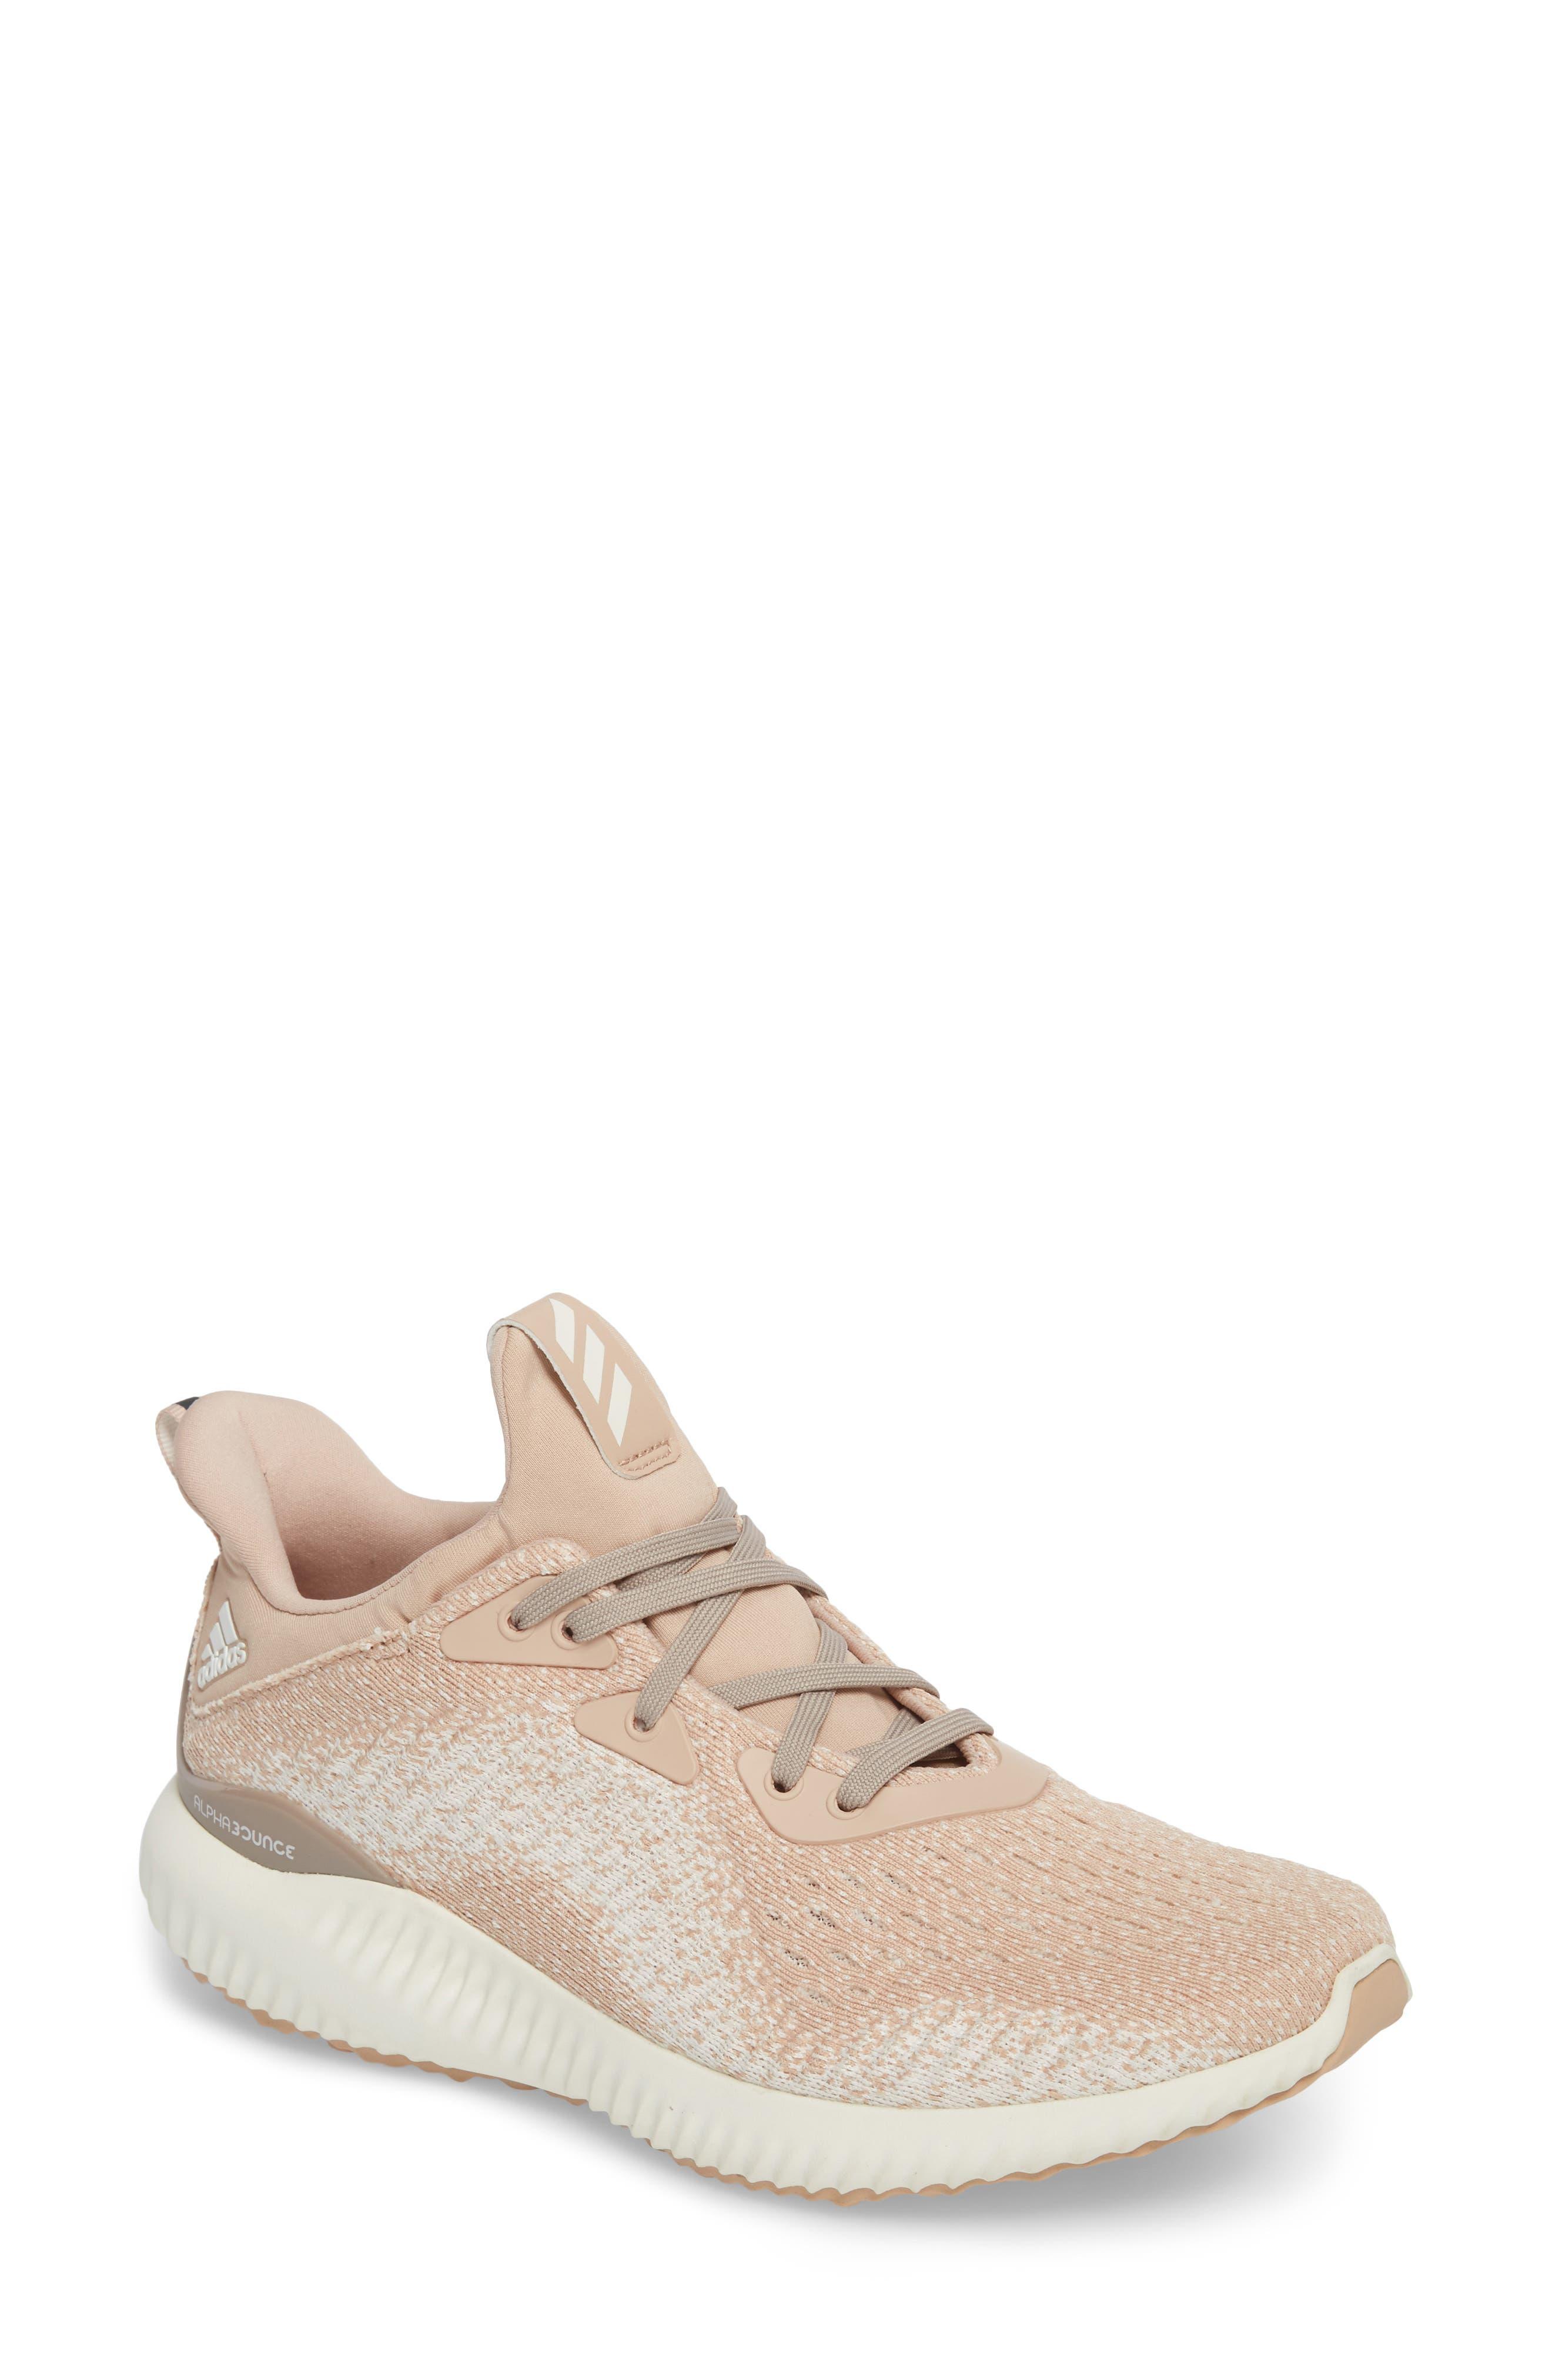 Main Image - adidas AlphaBOUNCE EM Running Sneaker (Women)